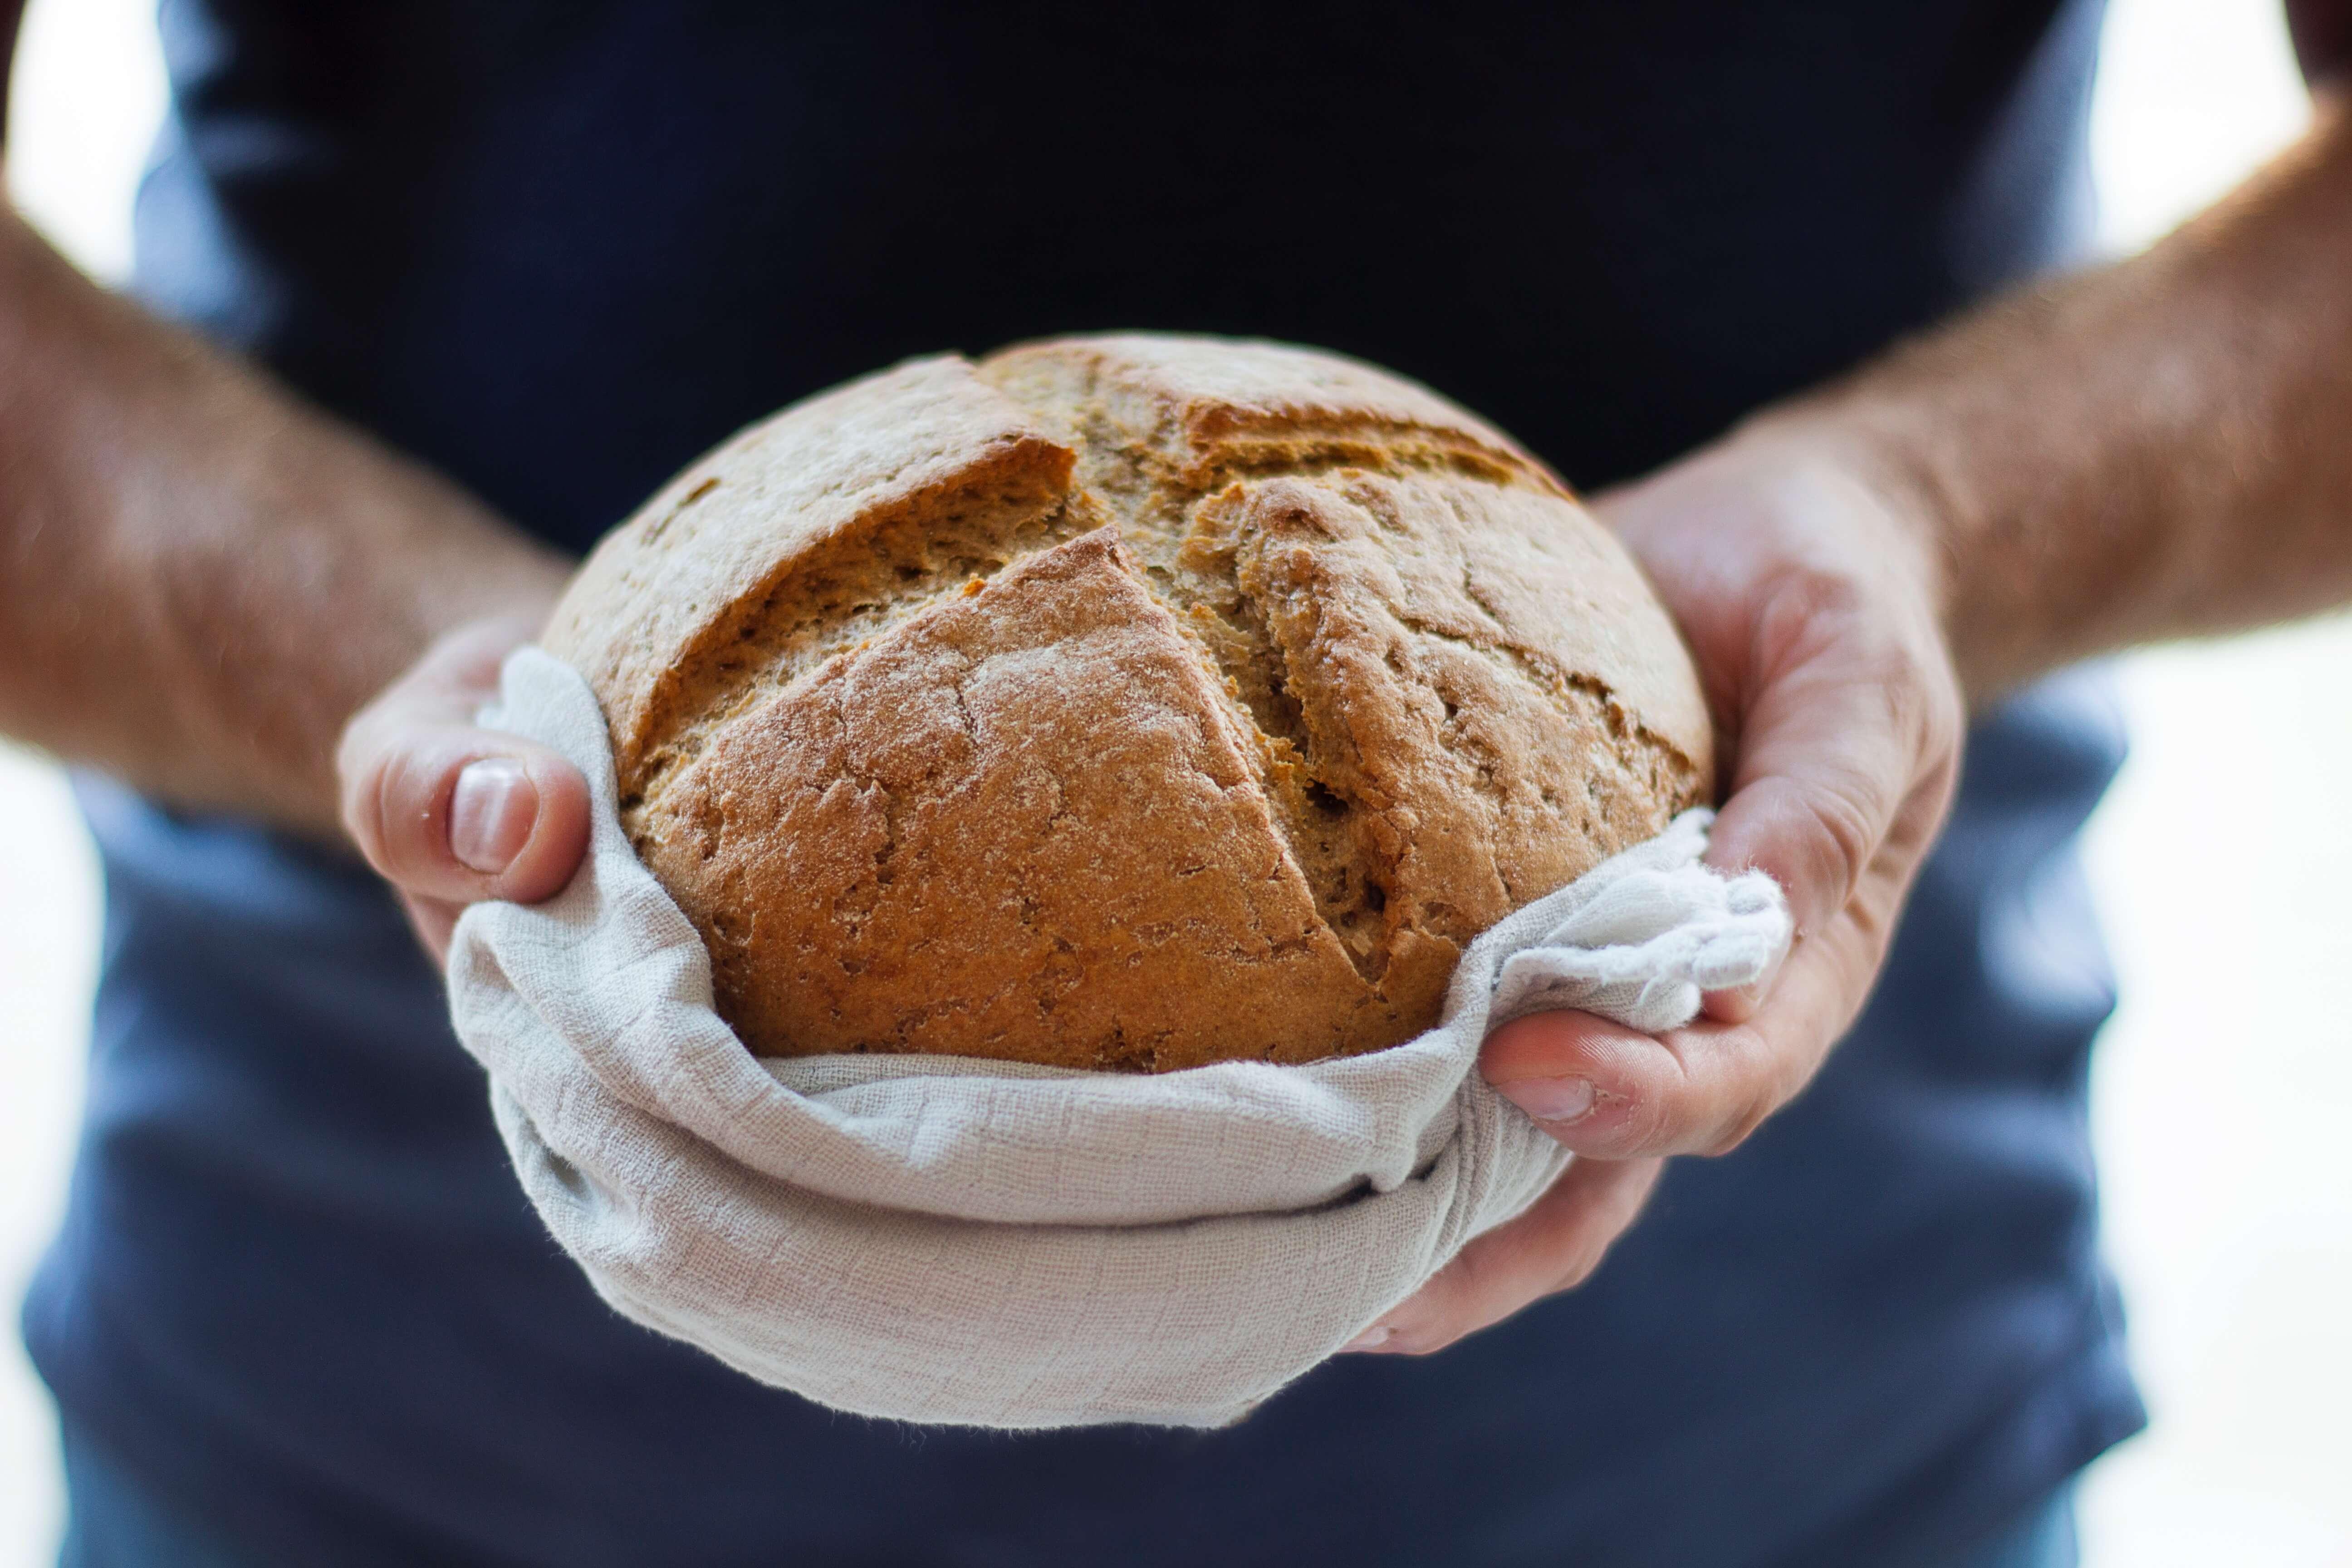 ダッチオーブンで焼きたてのパンを!簡単に作れるパンのレシピをご紹介!